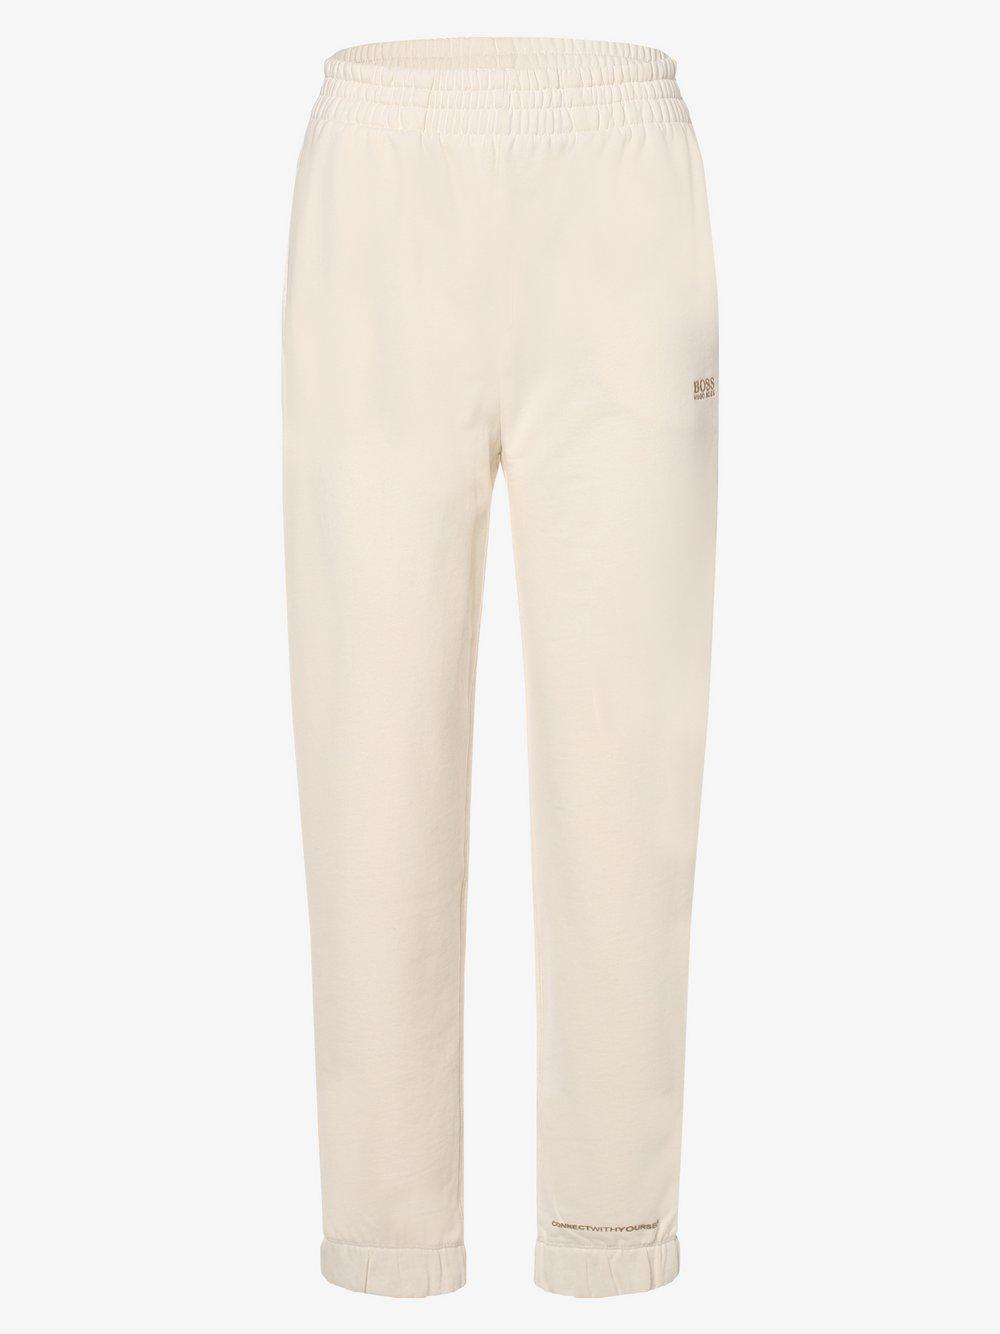 BOSS Casual - Damskie spodnie dresowe – C_Ejoy_Active, beżowy